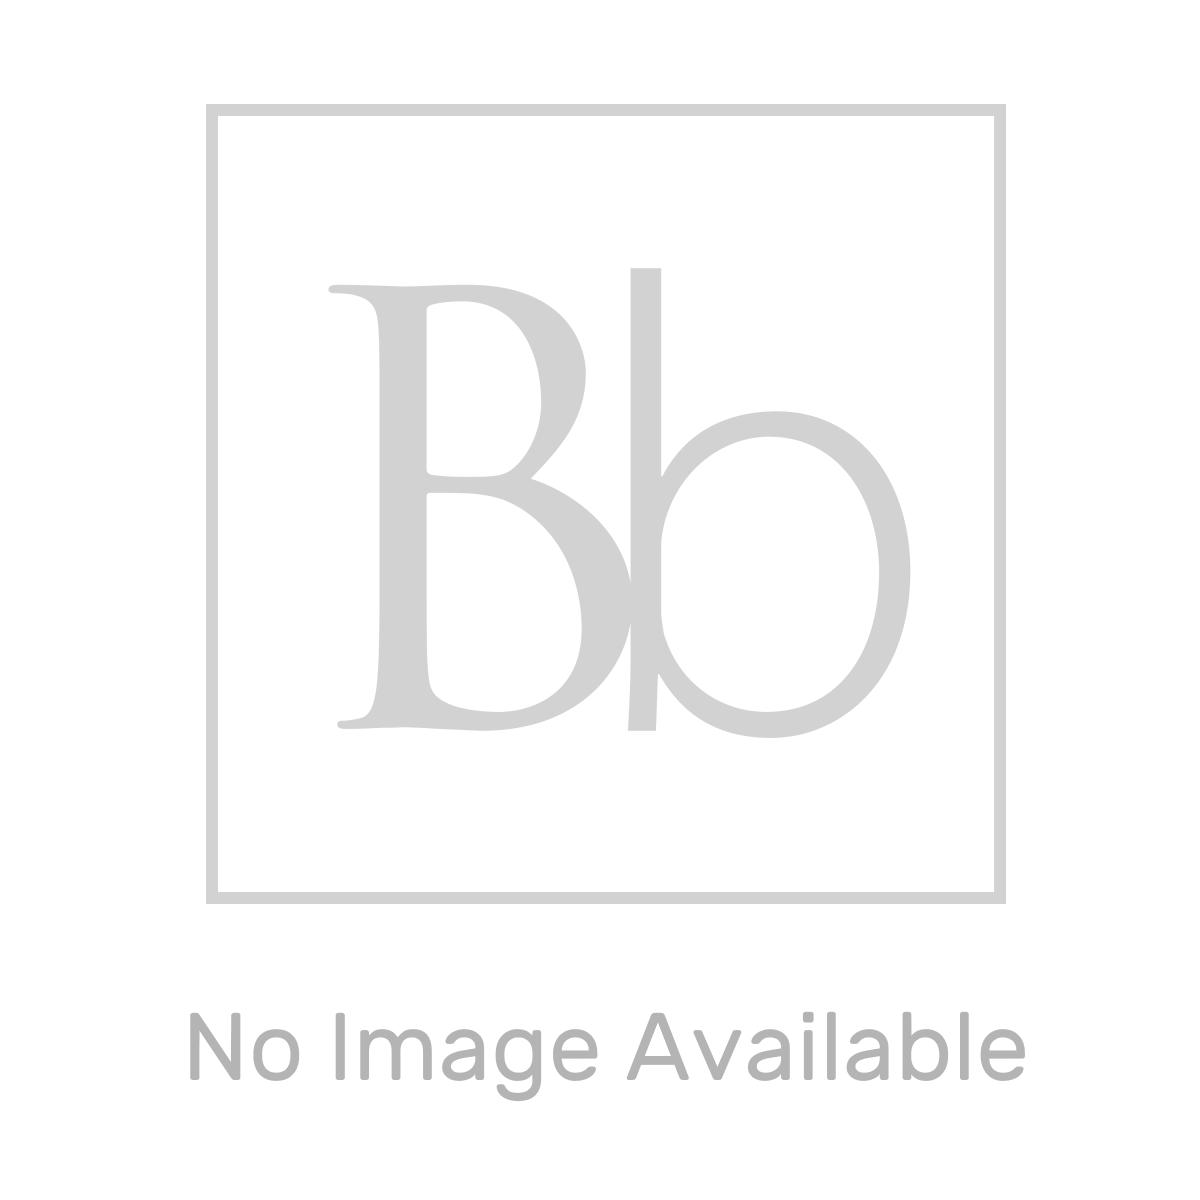 Sensio Kai Slimline LED Mirror 700 x 500 x 30 2